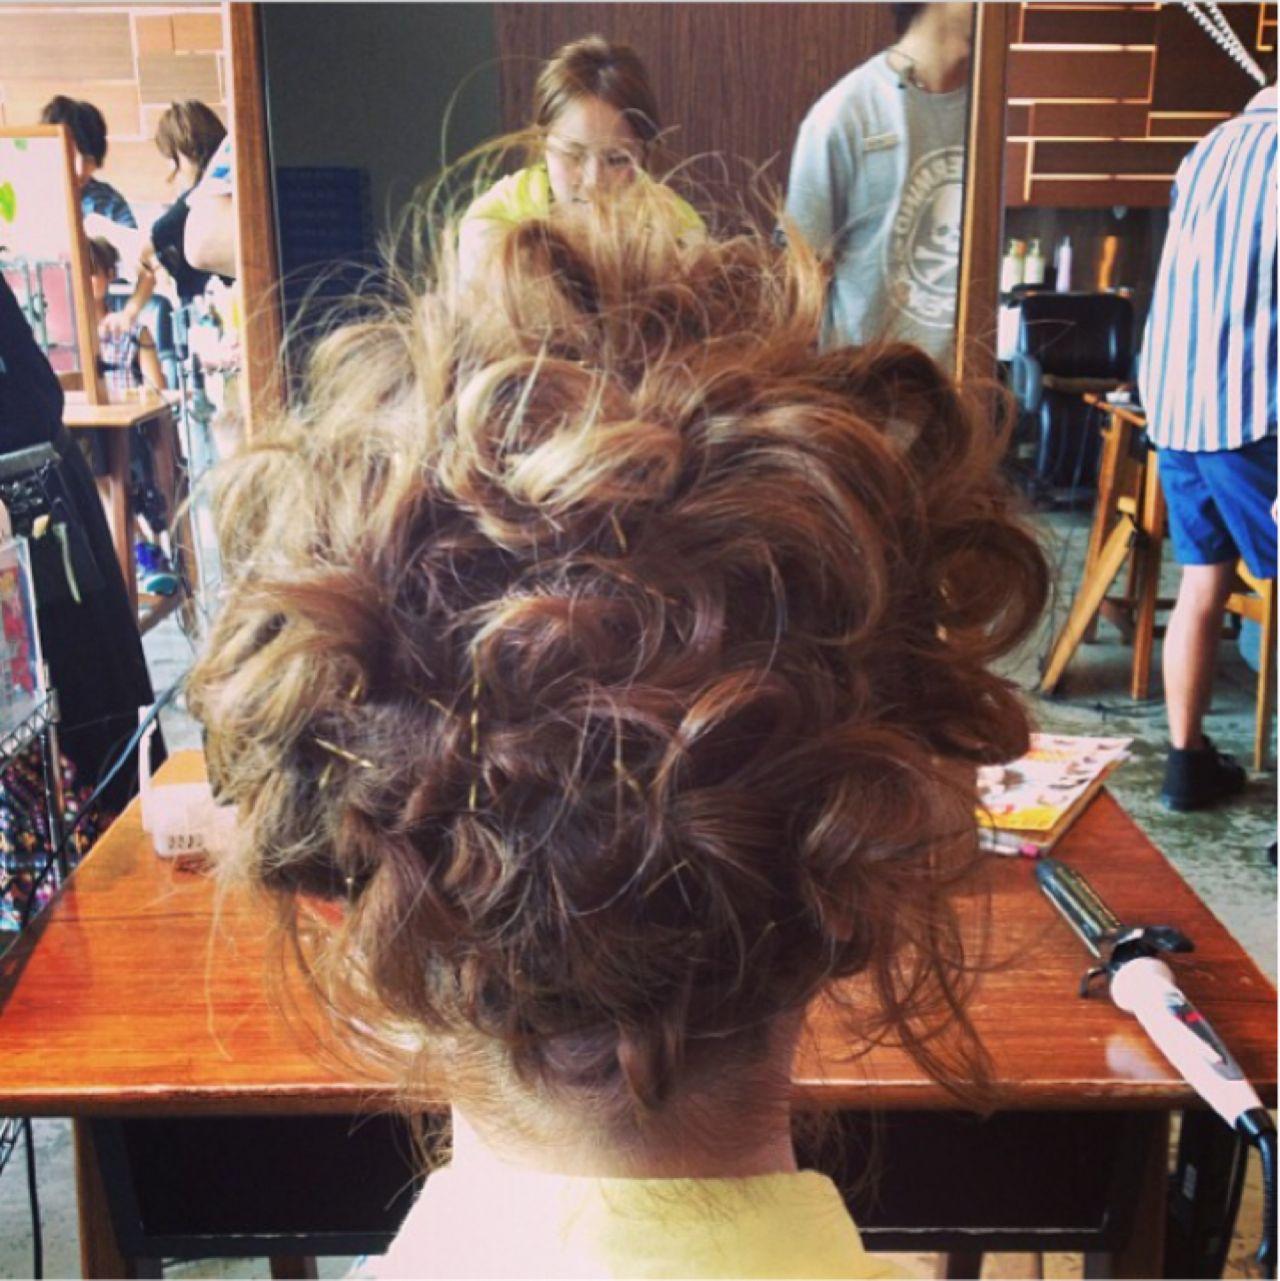 パーティ ヘアアレンジ ボブ アップスタイル ヘアスタイルや髪型の写真・画像 | 一番合戦 彩 / drive for garden